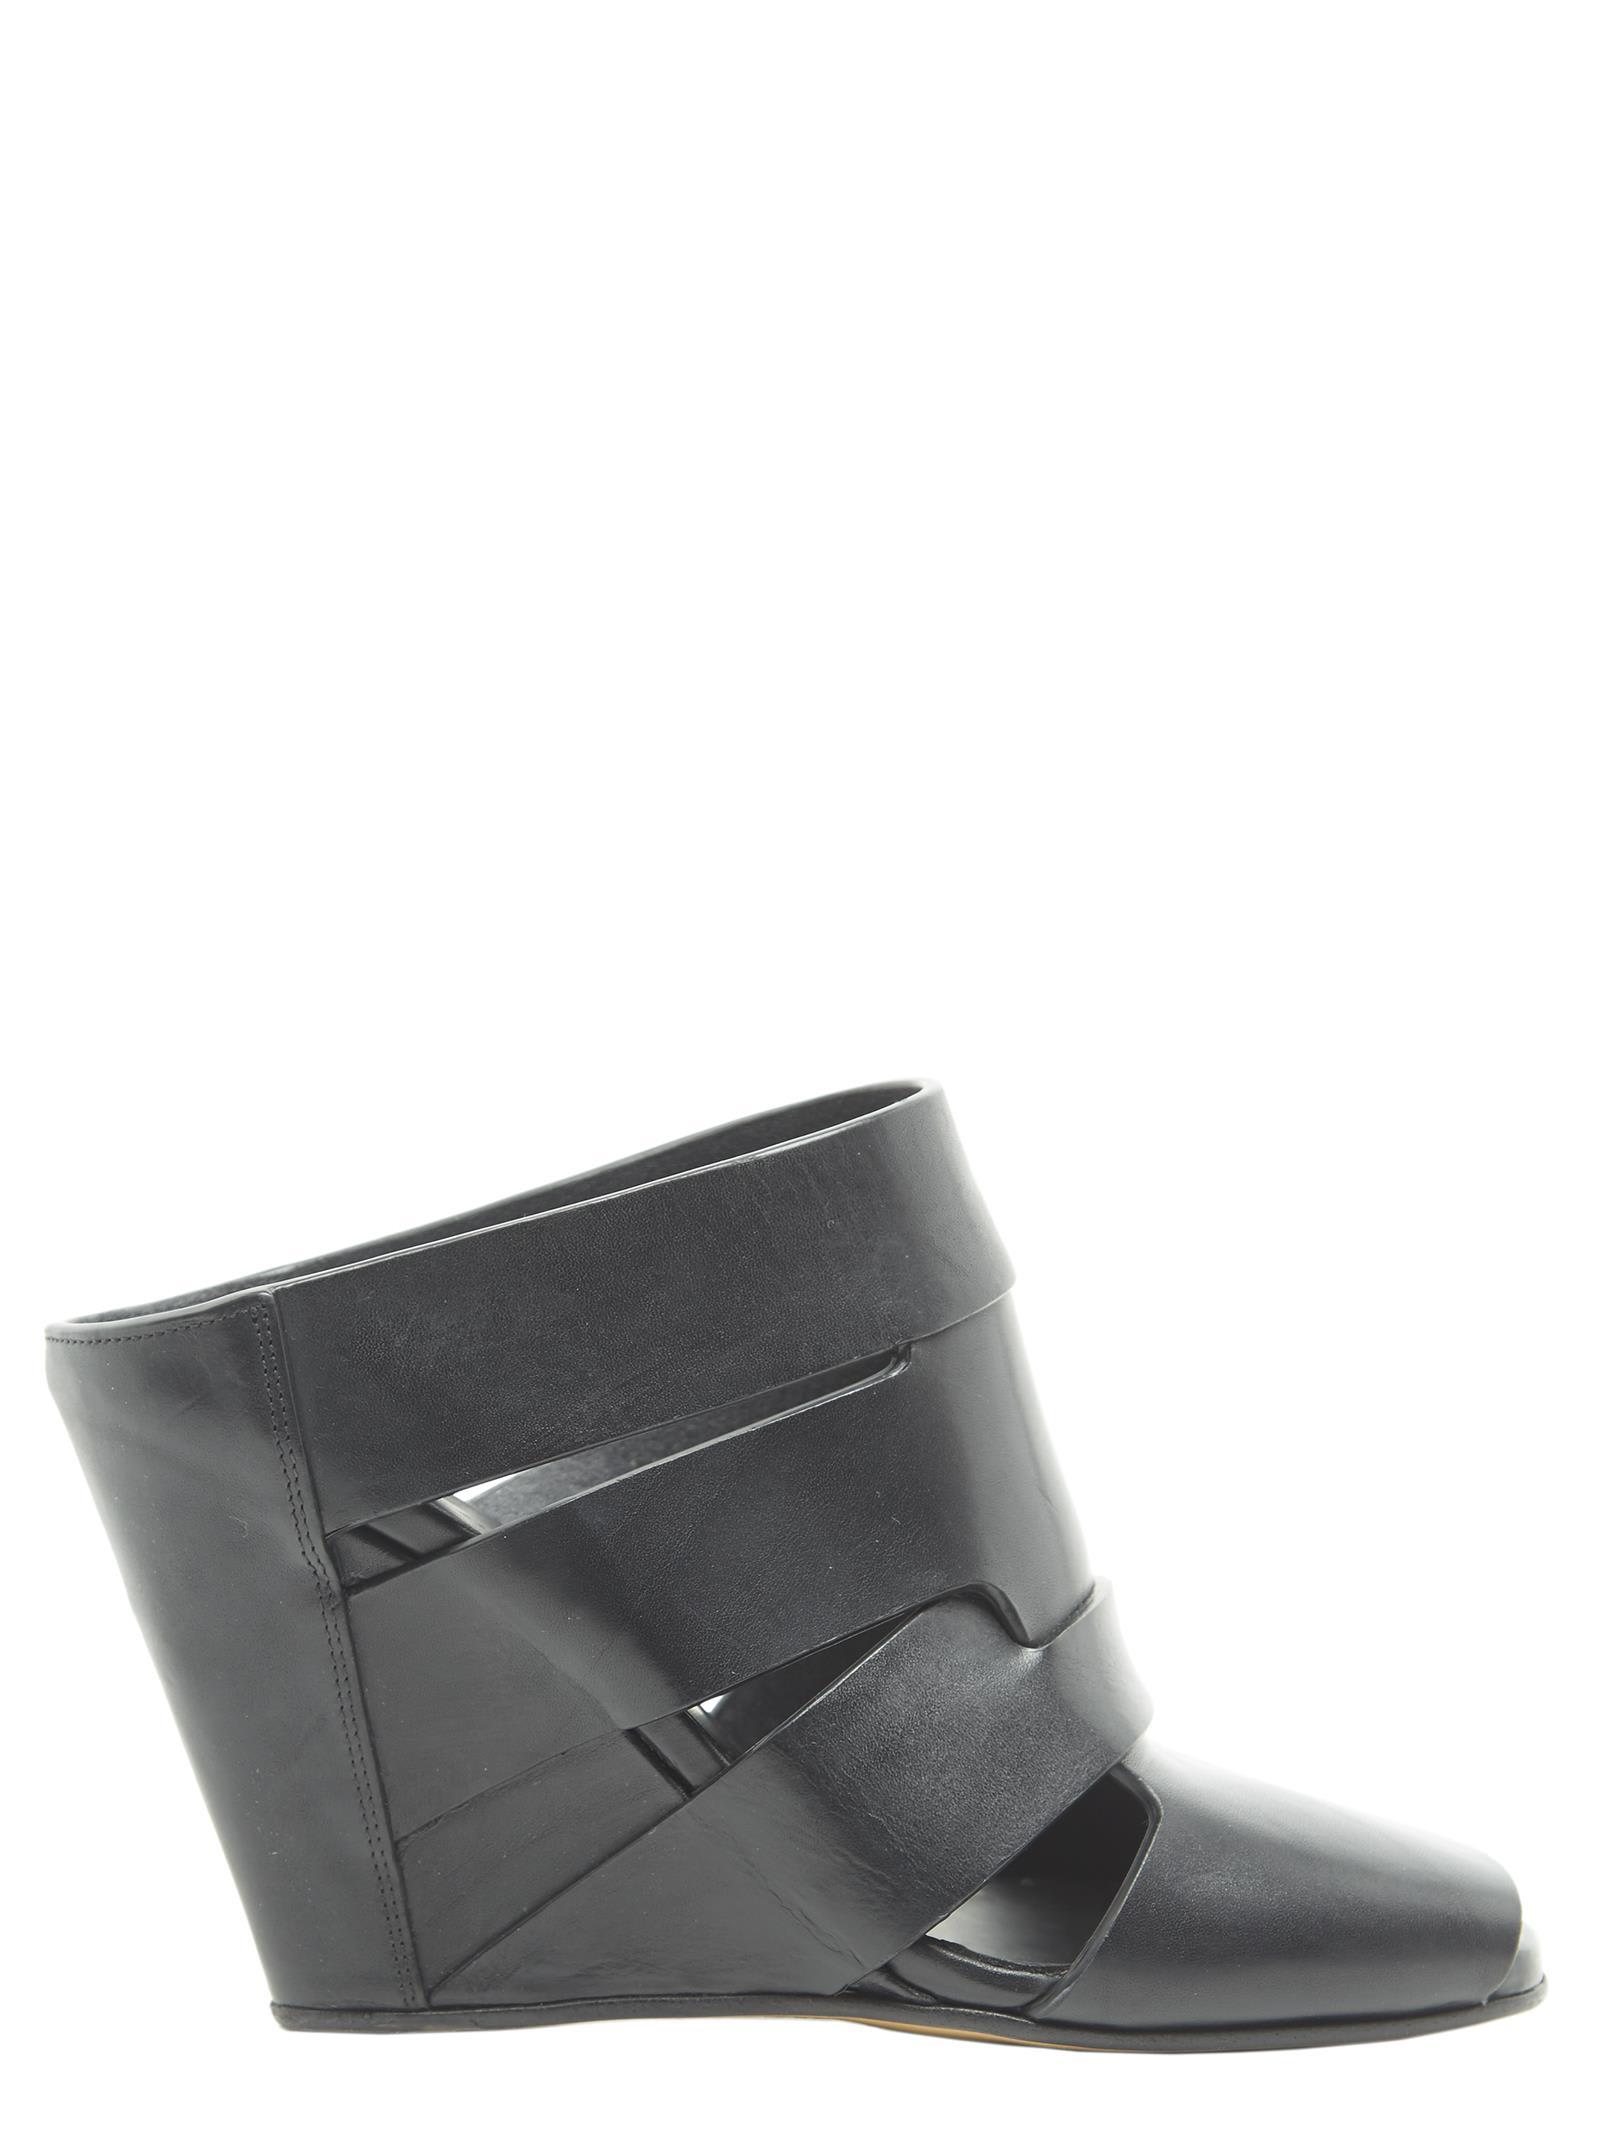 Rick Owens Shoes